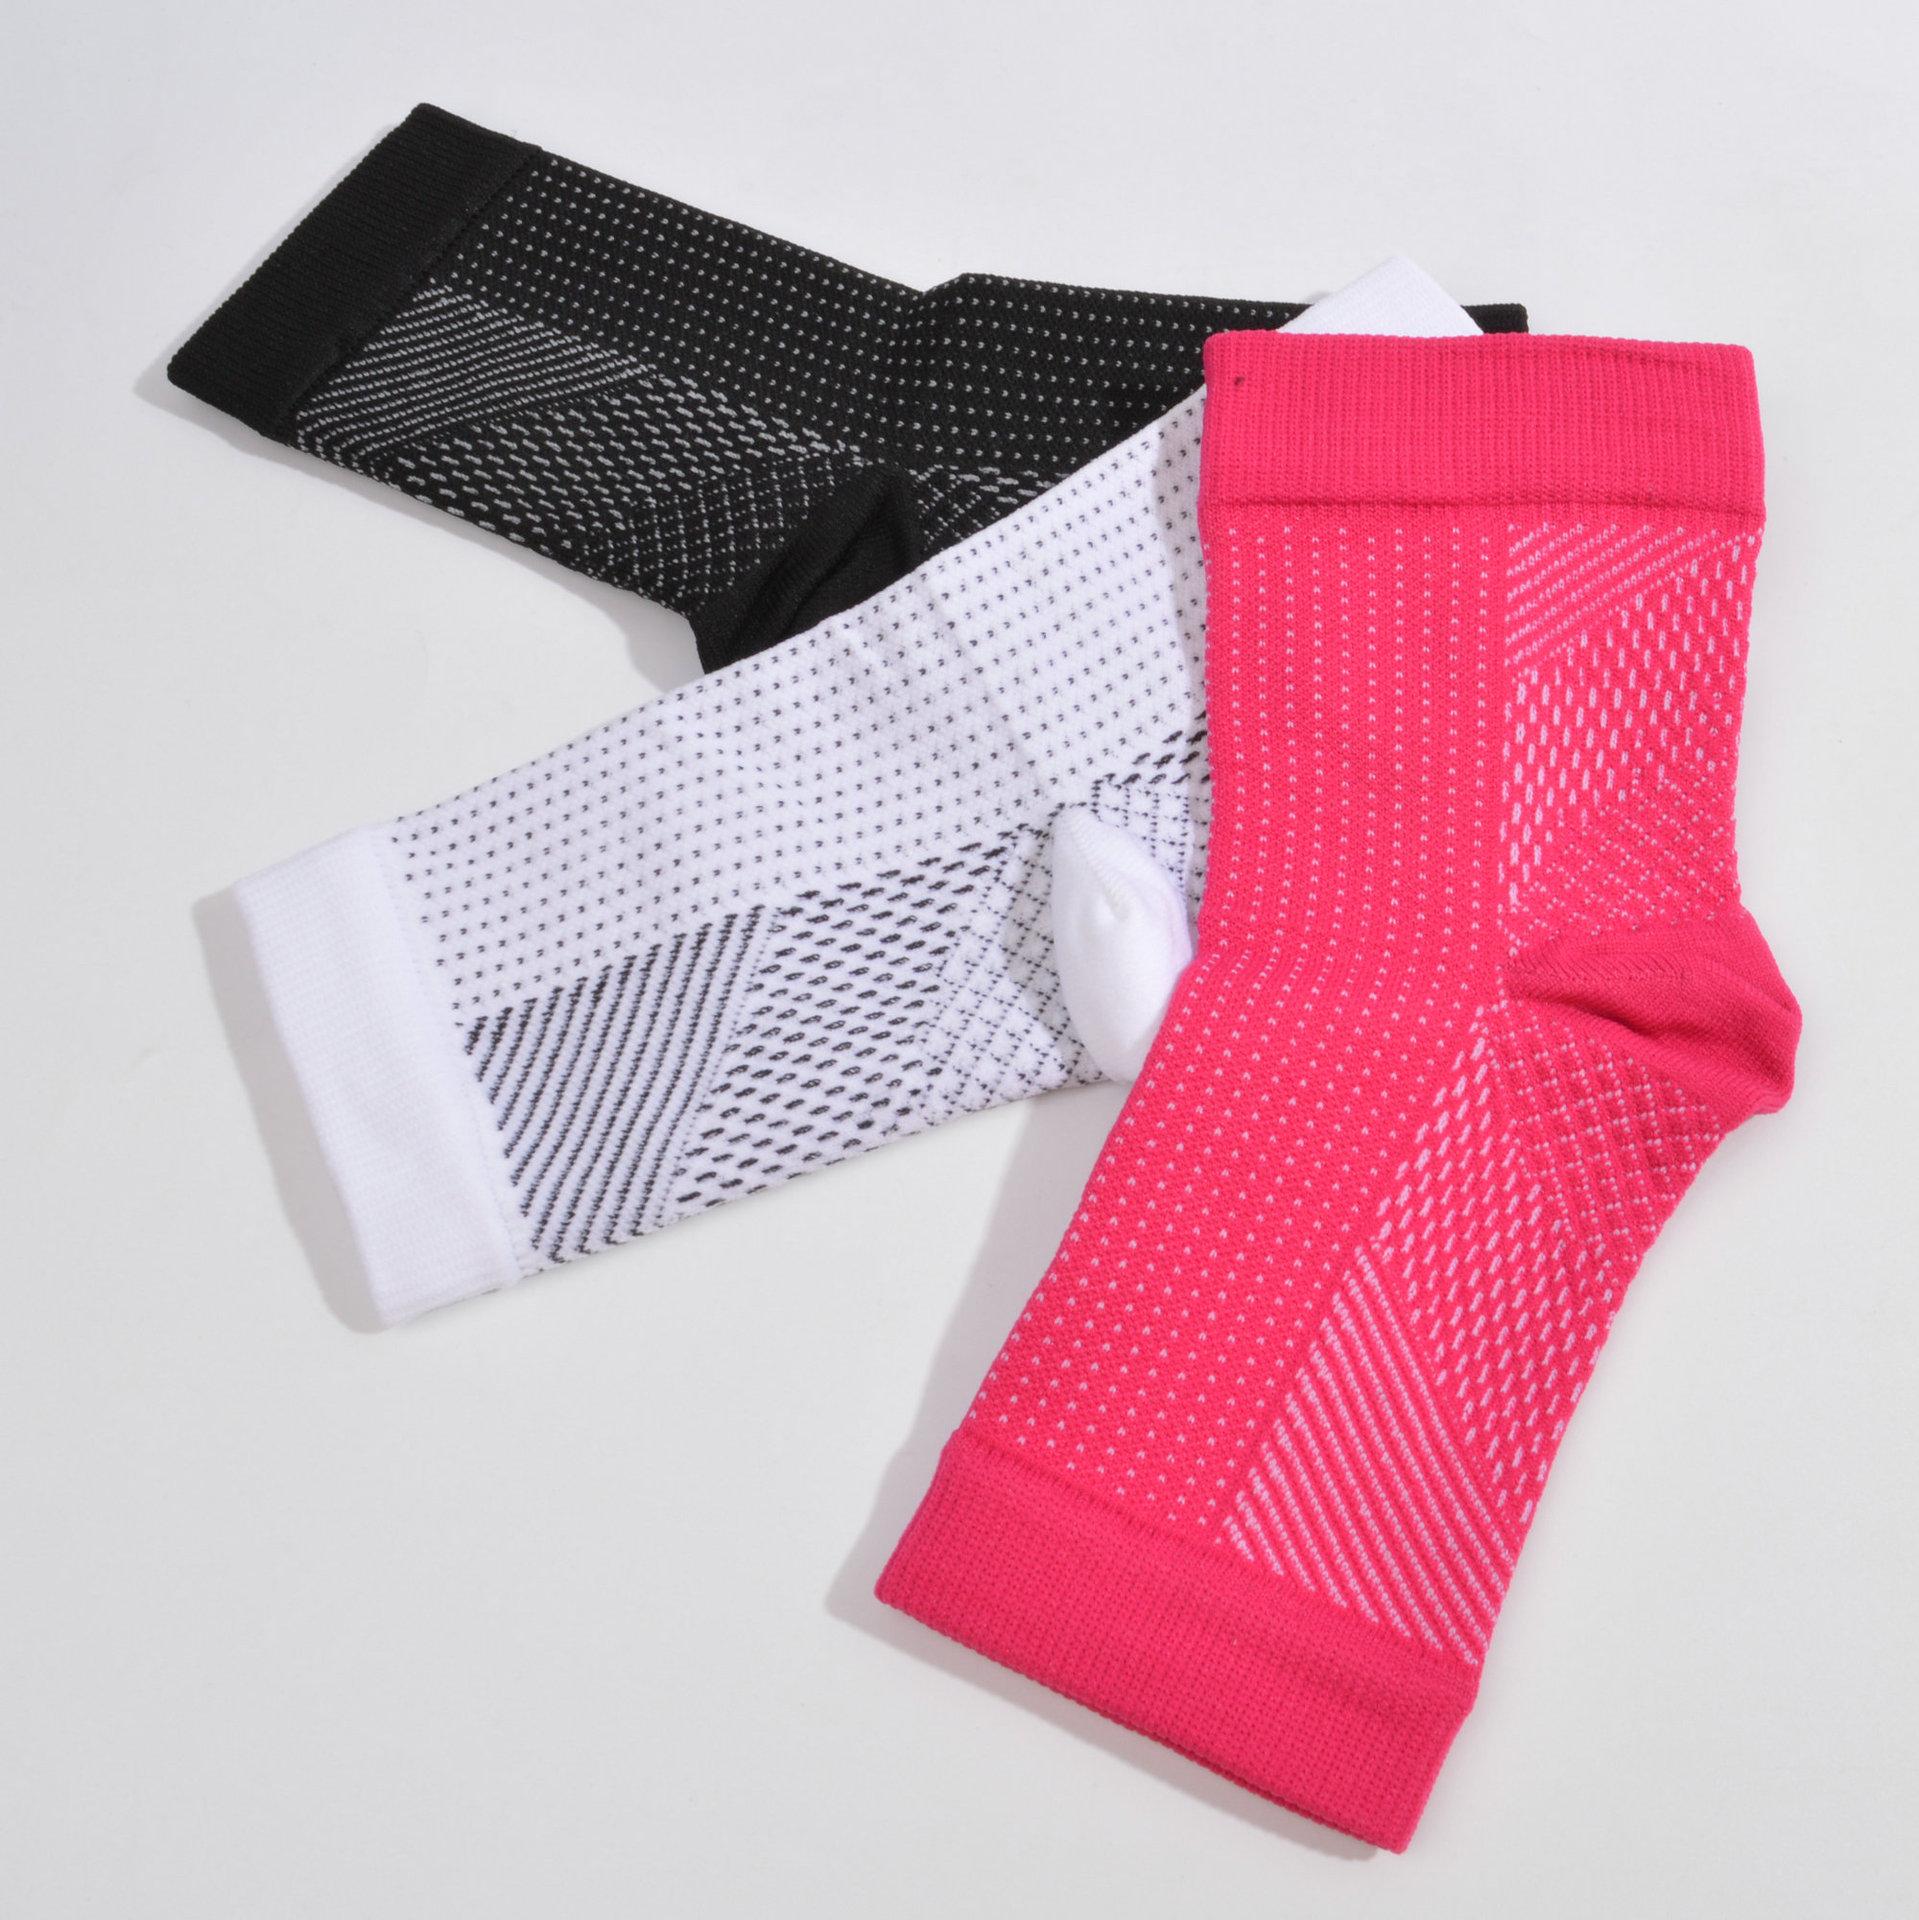 Special Compression Elastic  Socks